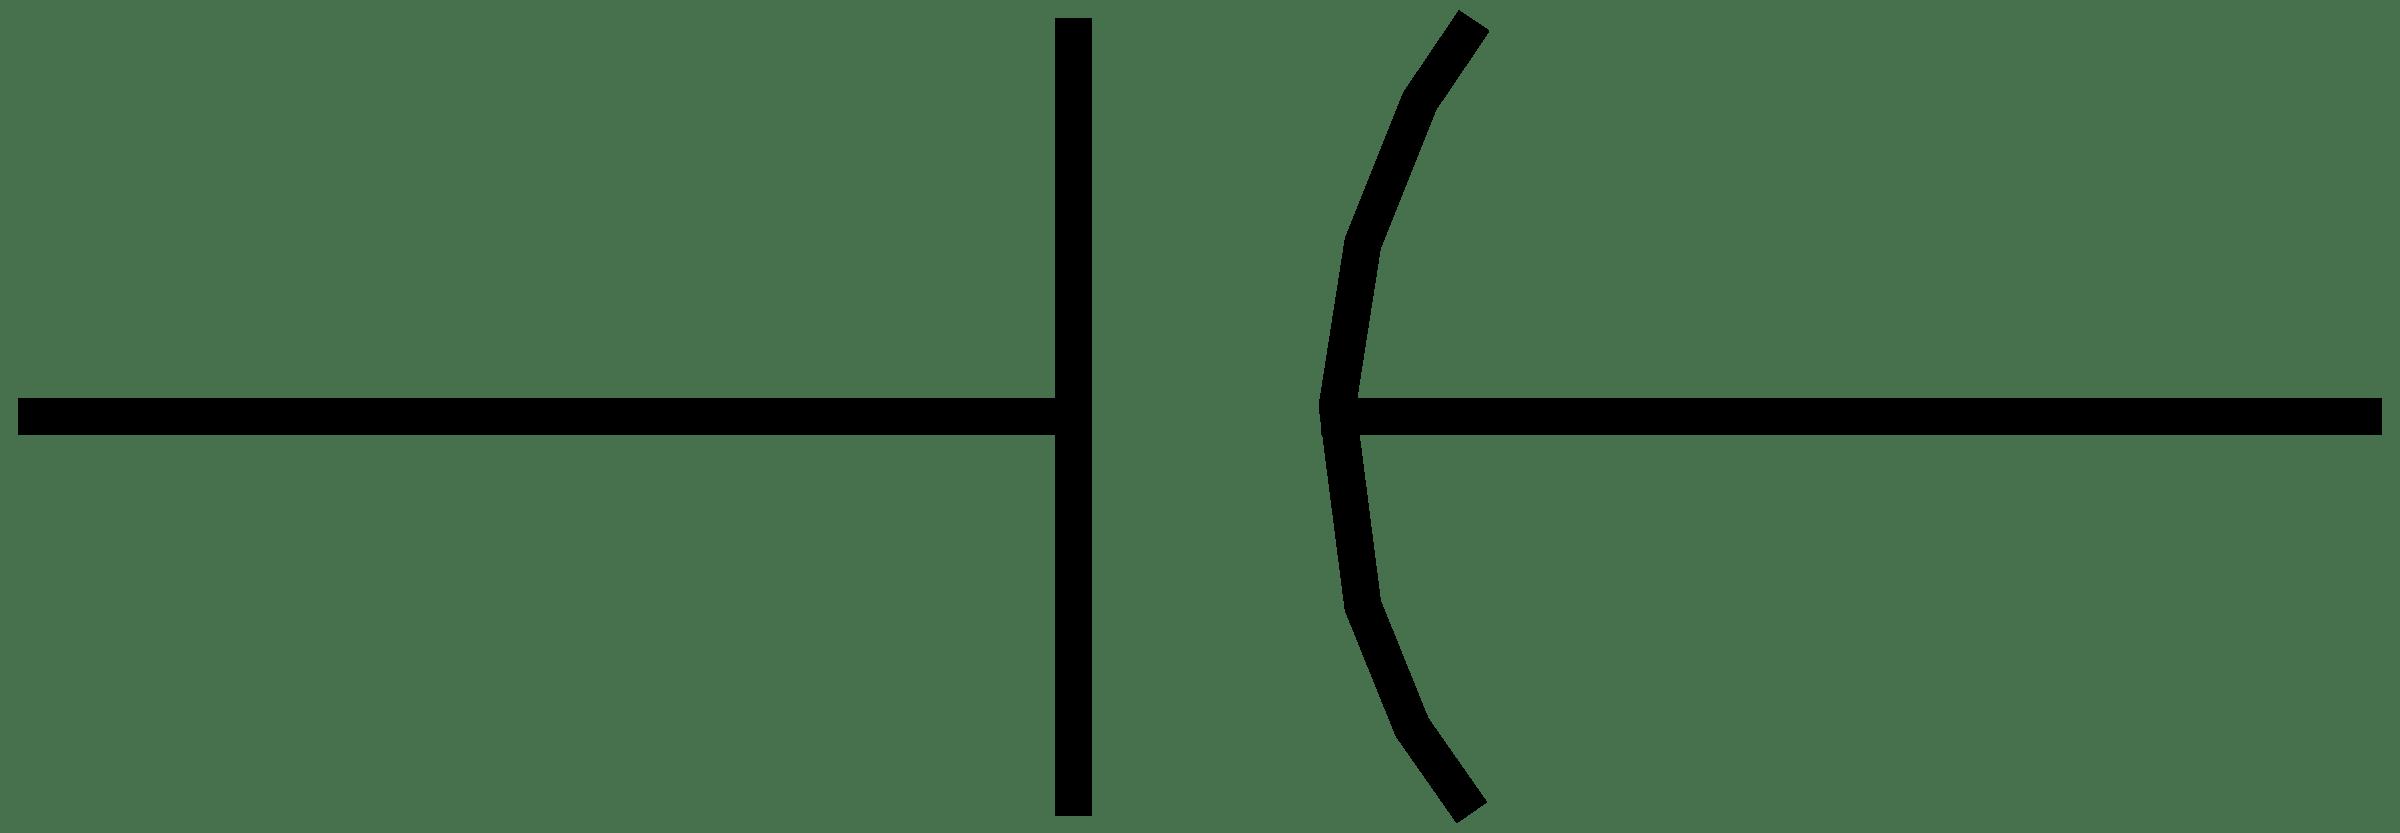 Capacitor Symbols